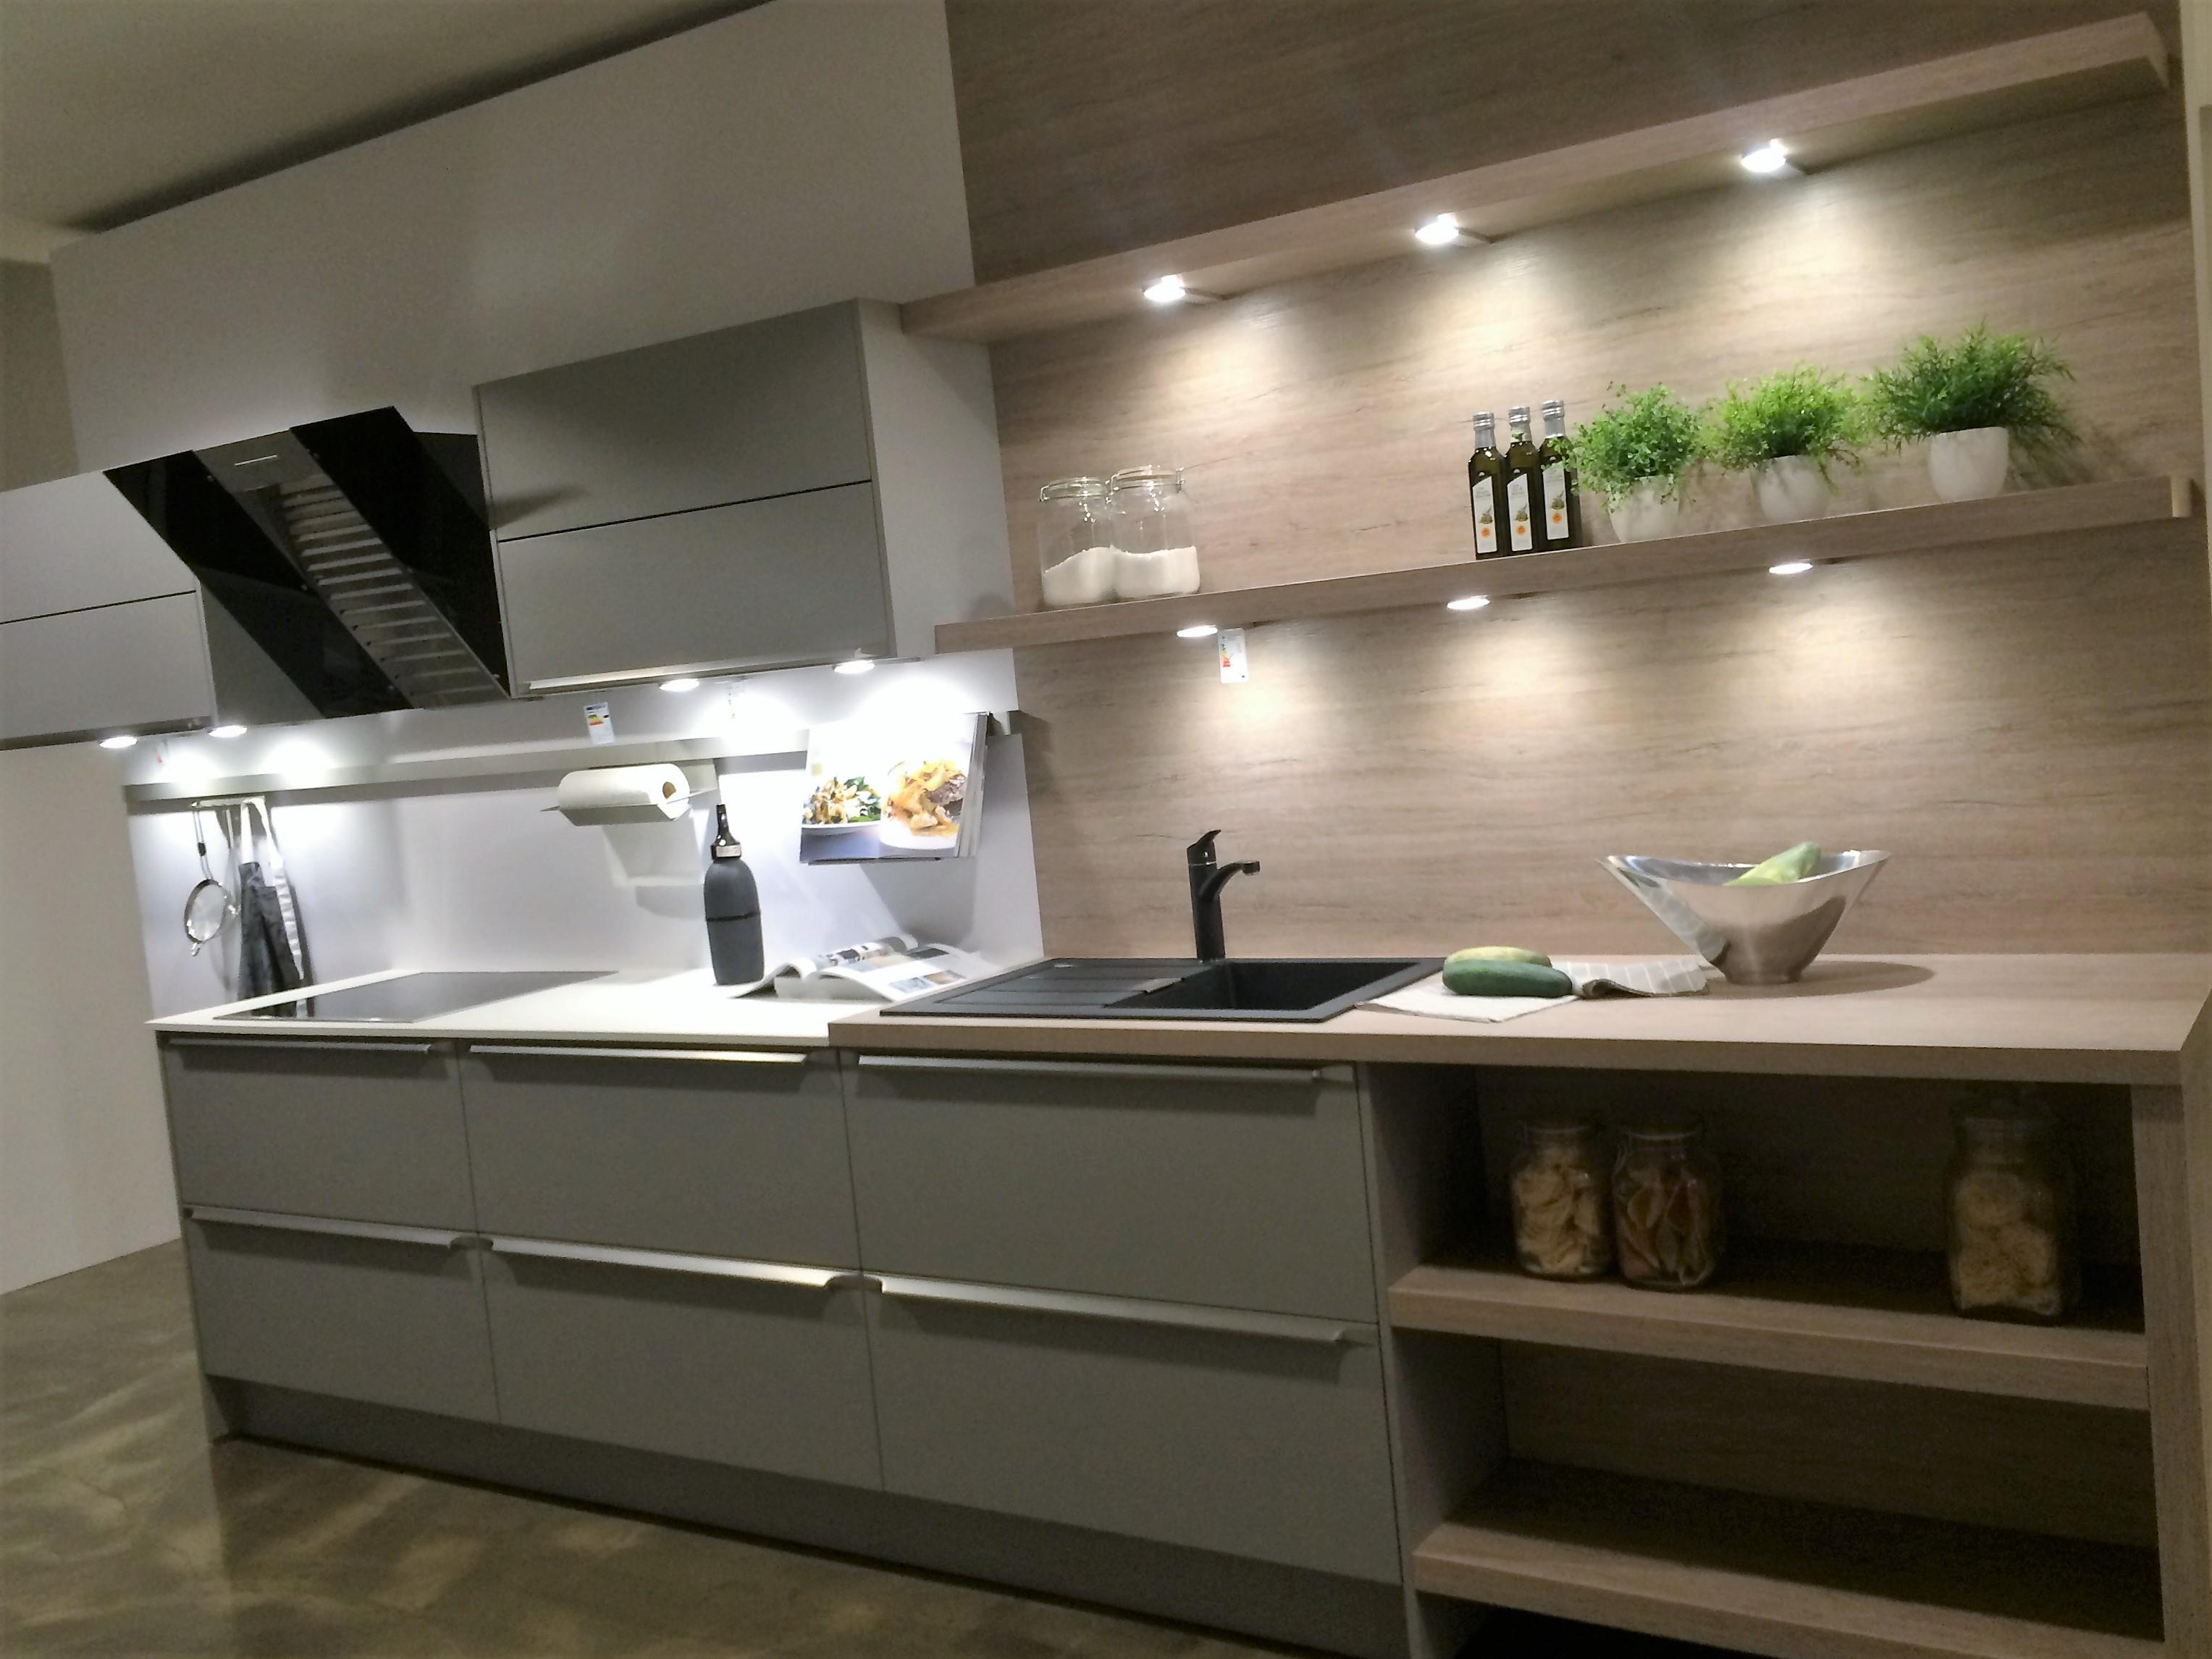 günstige musterküche - zweizeilige küche von häcker - erhältlich ... - Küche Zweizeilig